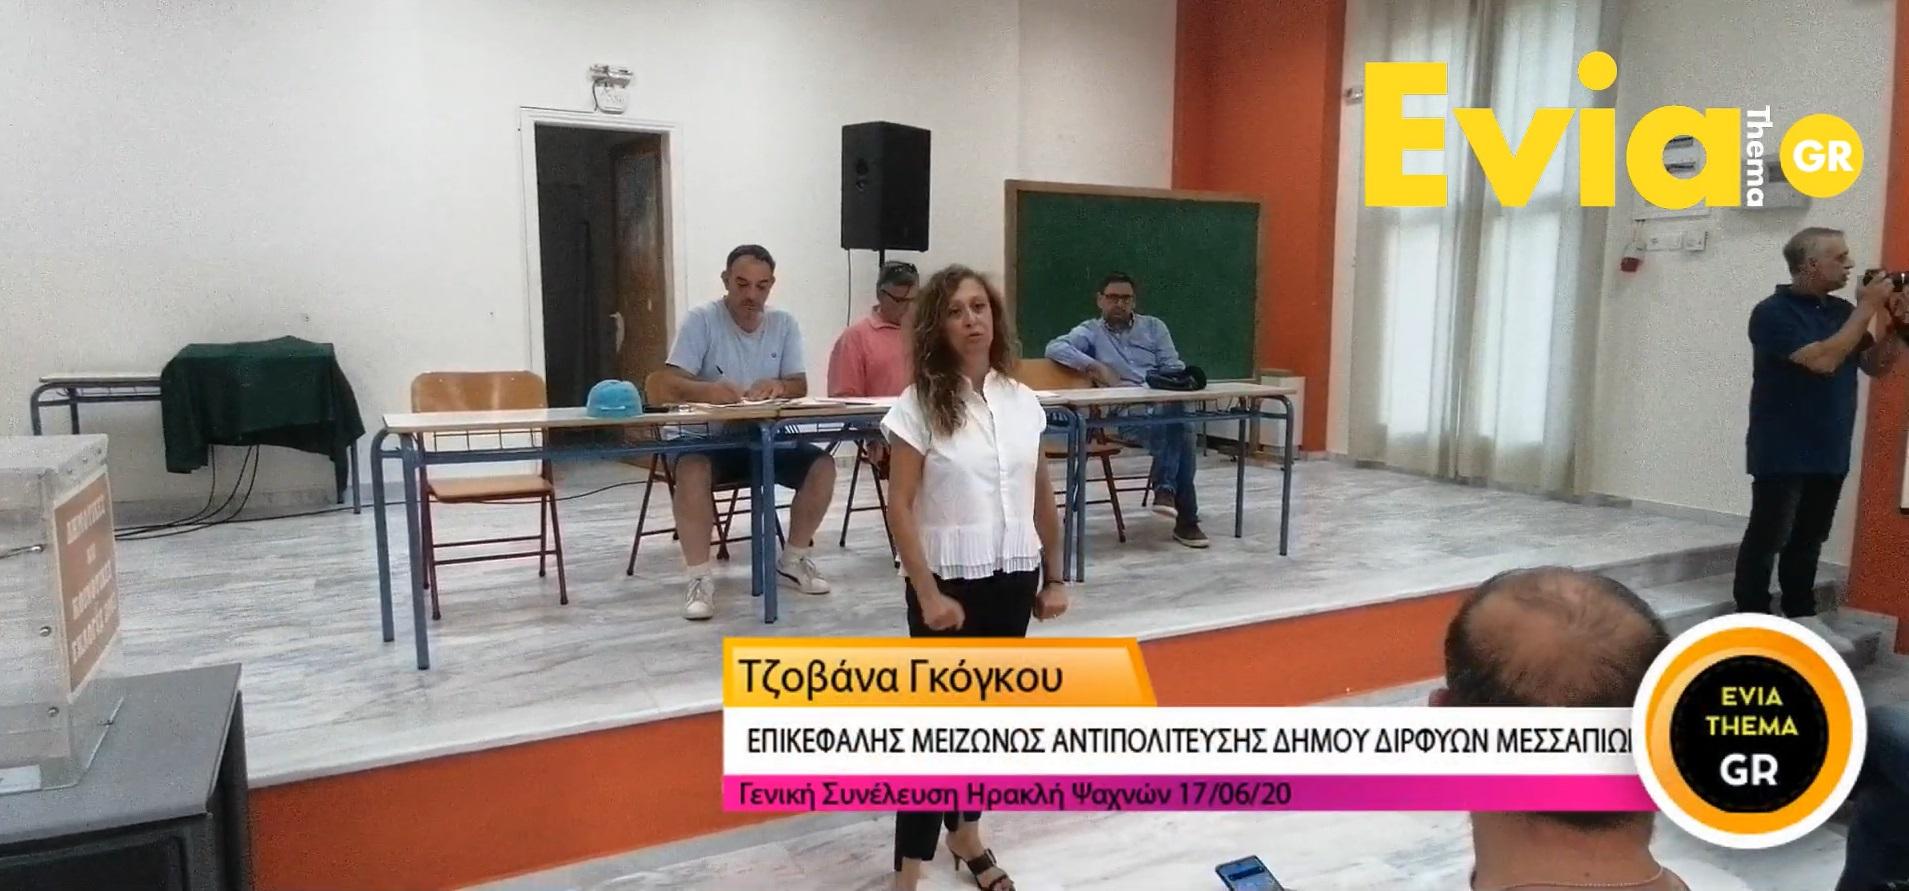 Τι είπε η Τζοβάνα Γκόγκου στην Γενική Συνέλευση του Ηρακλή Ψαχνών την Τετάρτη, Τι είπε η Τζοβάνα Γκόγκου στην Γενική Συνέλευση του Ηρακλή Ψαχνών την Τετάρτη [ΒΙΝΤΕΟ], Eviathema.gr | Εύβοια Τοπ Νέα Ειδήσεις